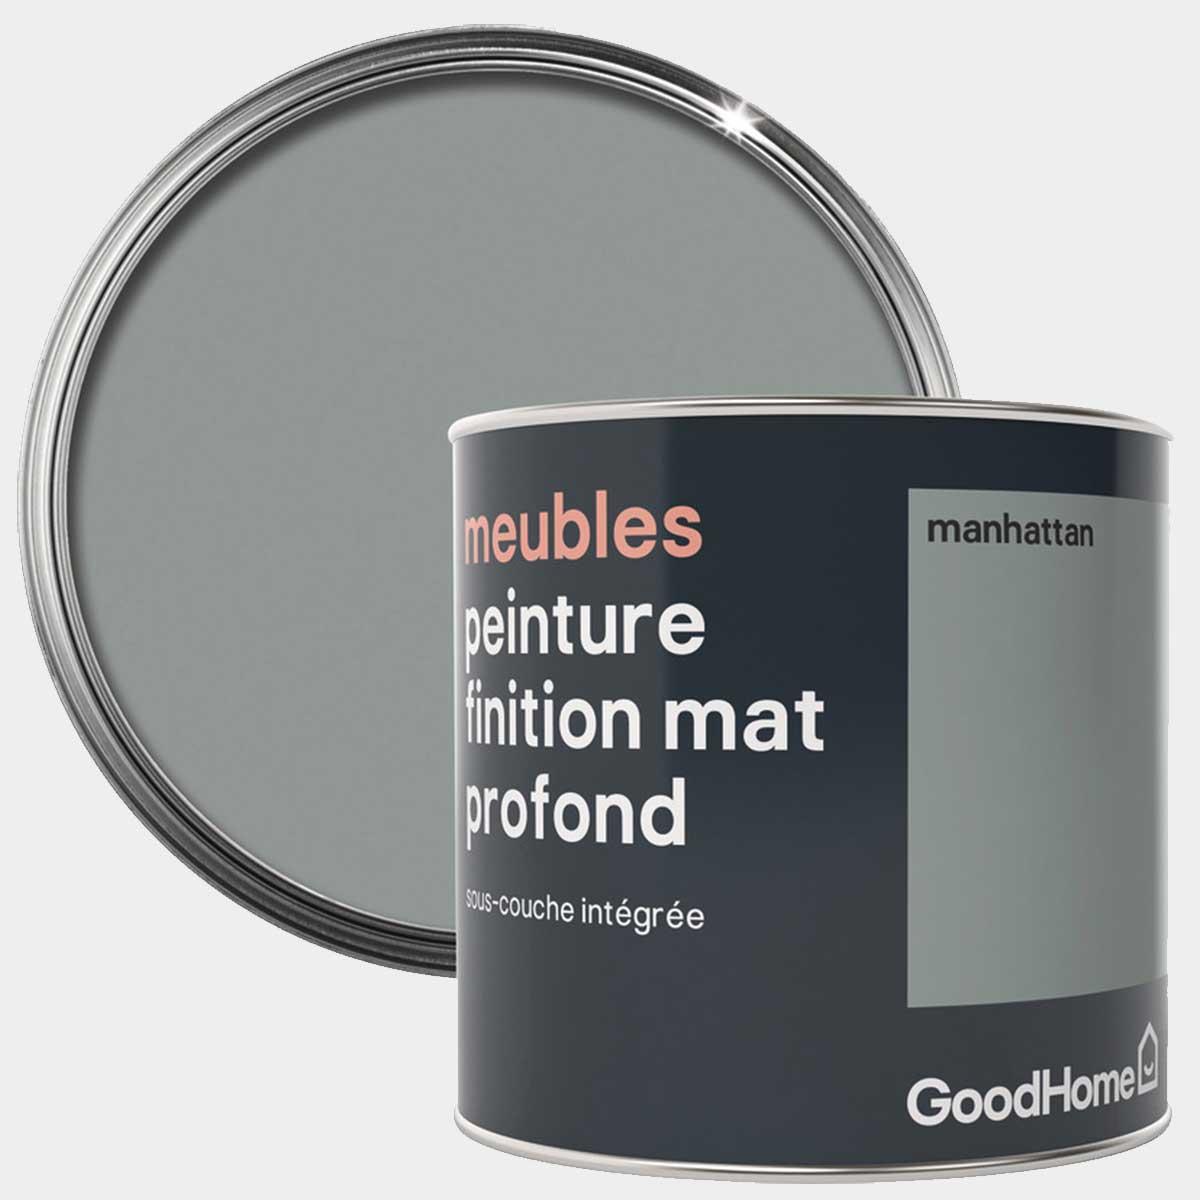 PEINTURE DE RÉNOVATION MEUBLE MAT PROFOND MANHATTAN 0,5 L